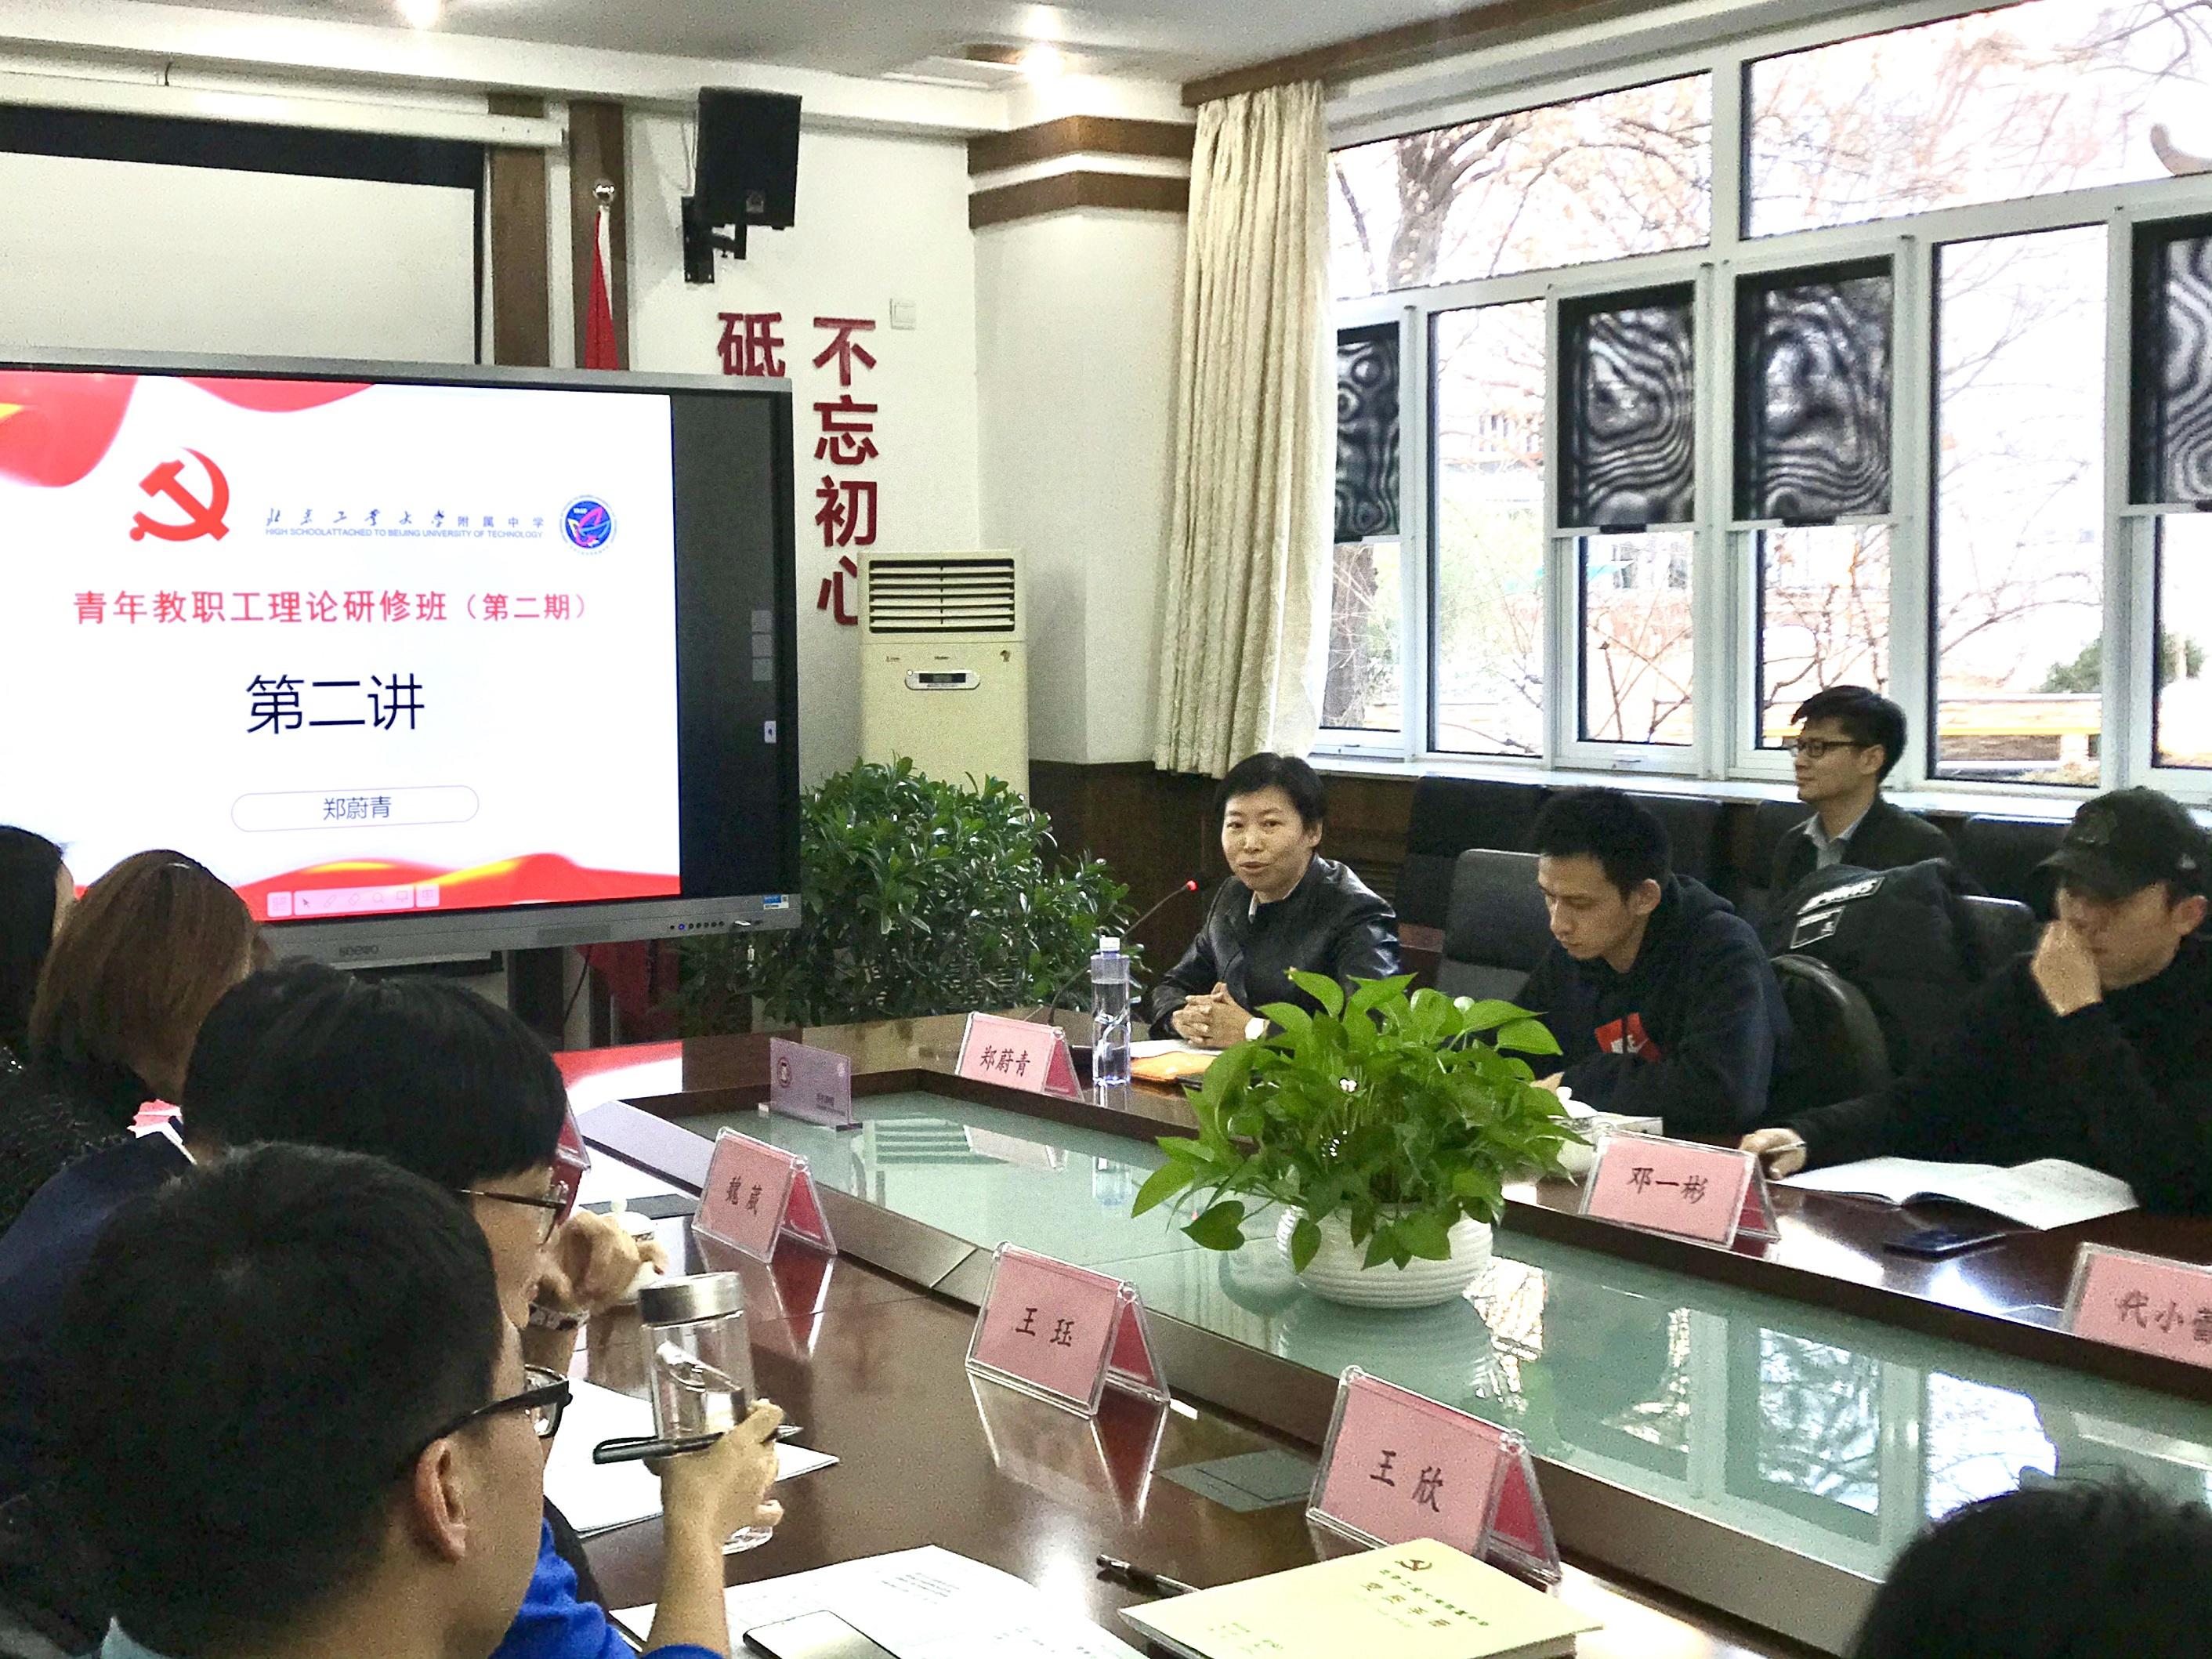 心怀感恩、逐梦前行——郑蔚青副校长在第二期青年教职工理论研修班分享成长故事